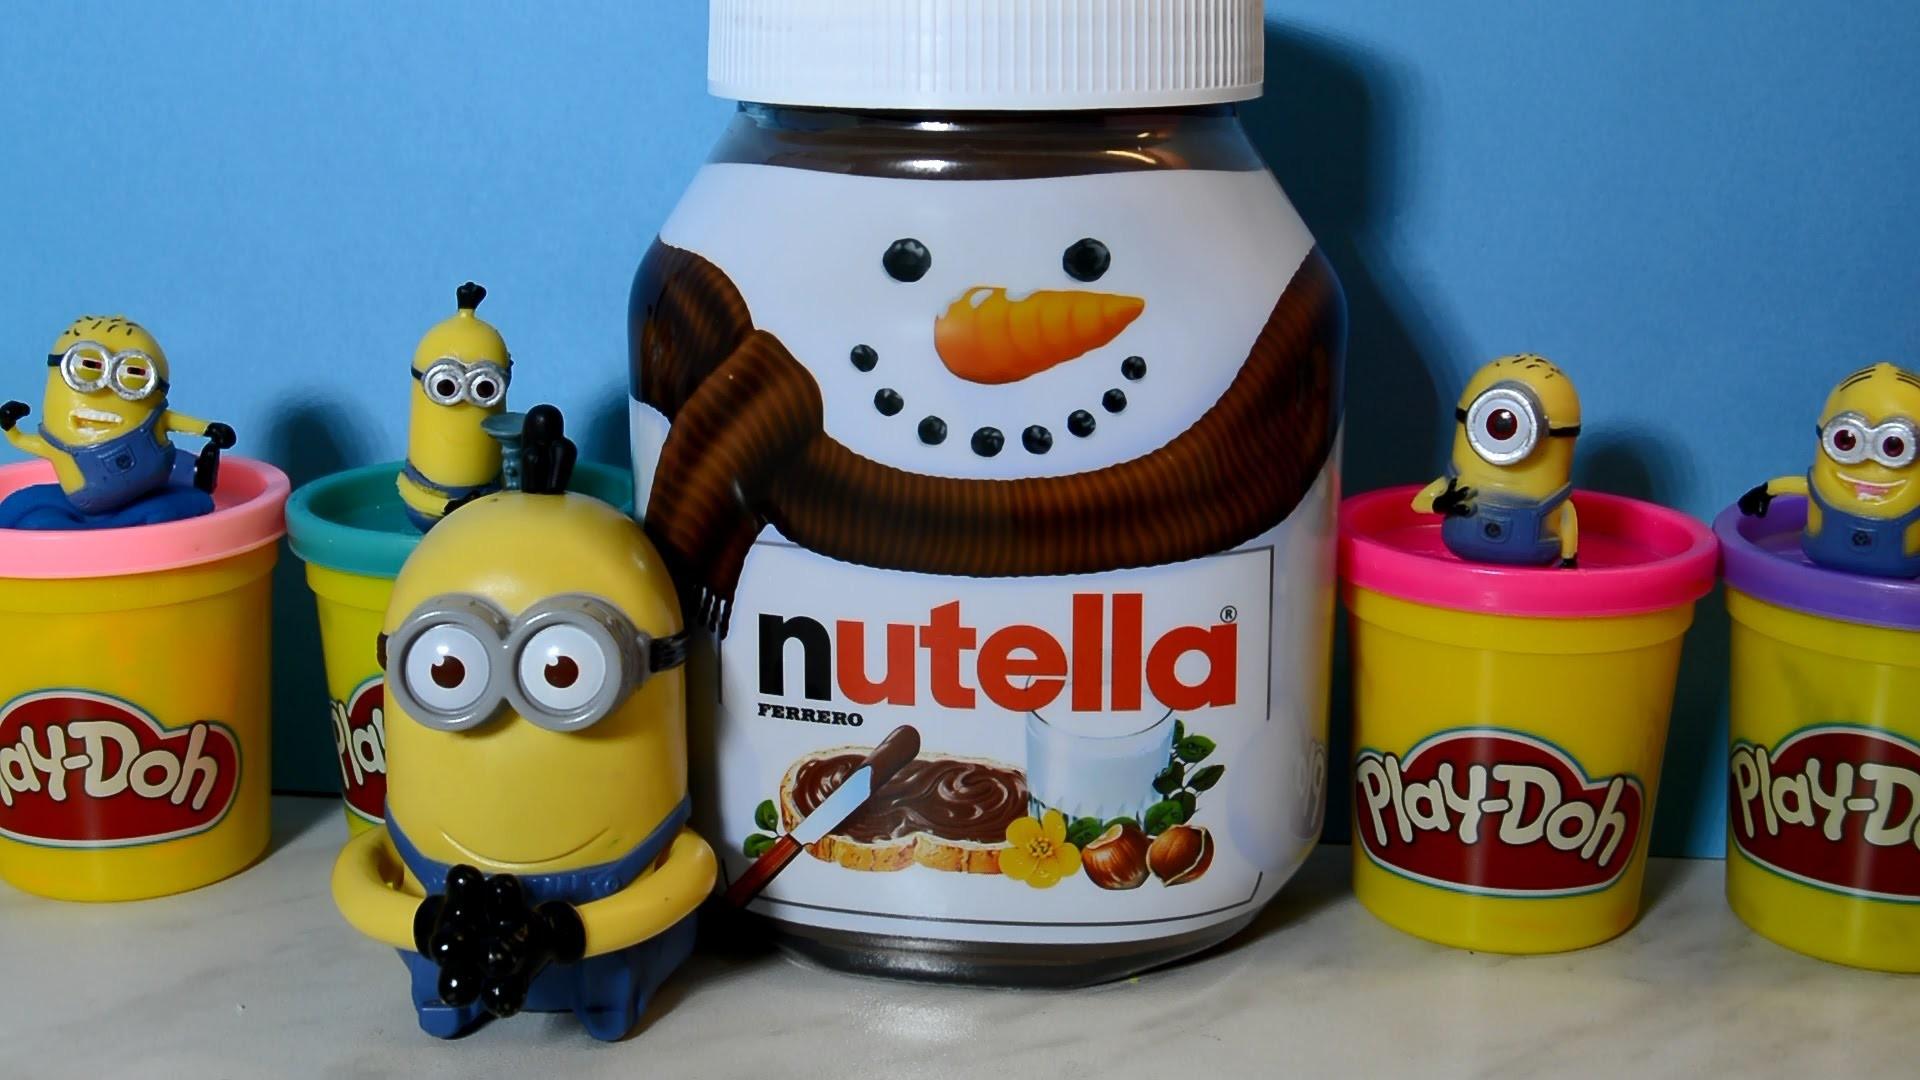 Minions Stuart Kevin and Bob Unboxing Big Nutella